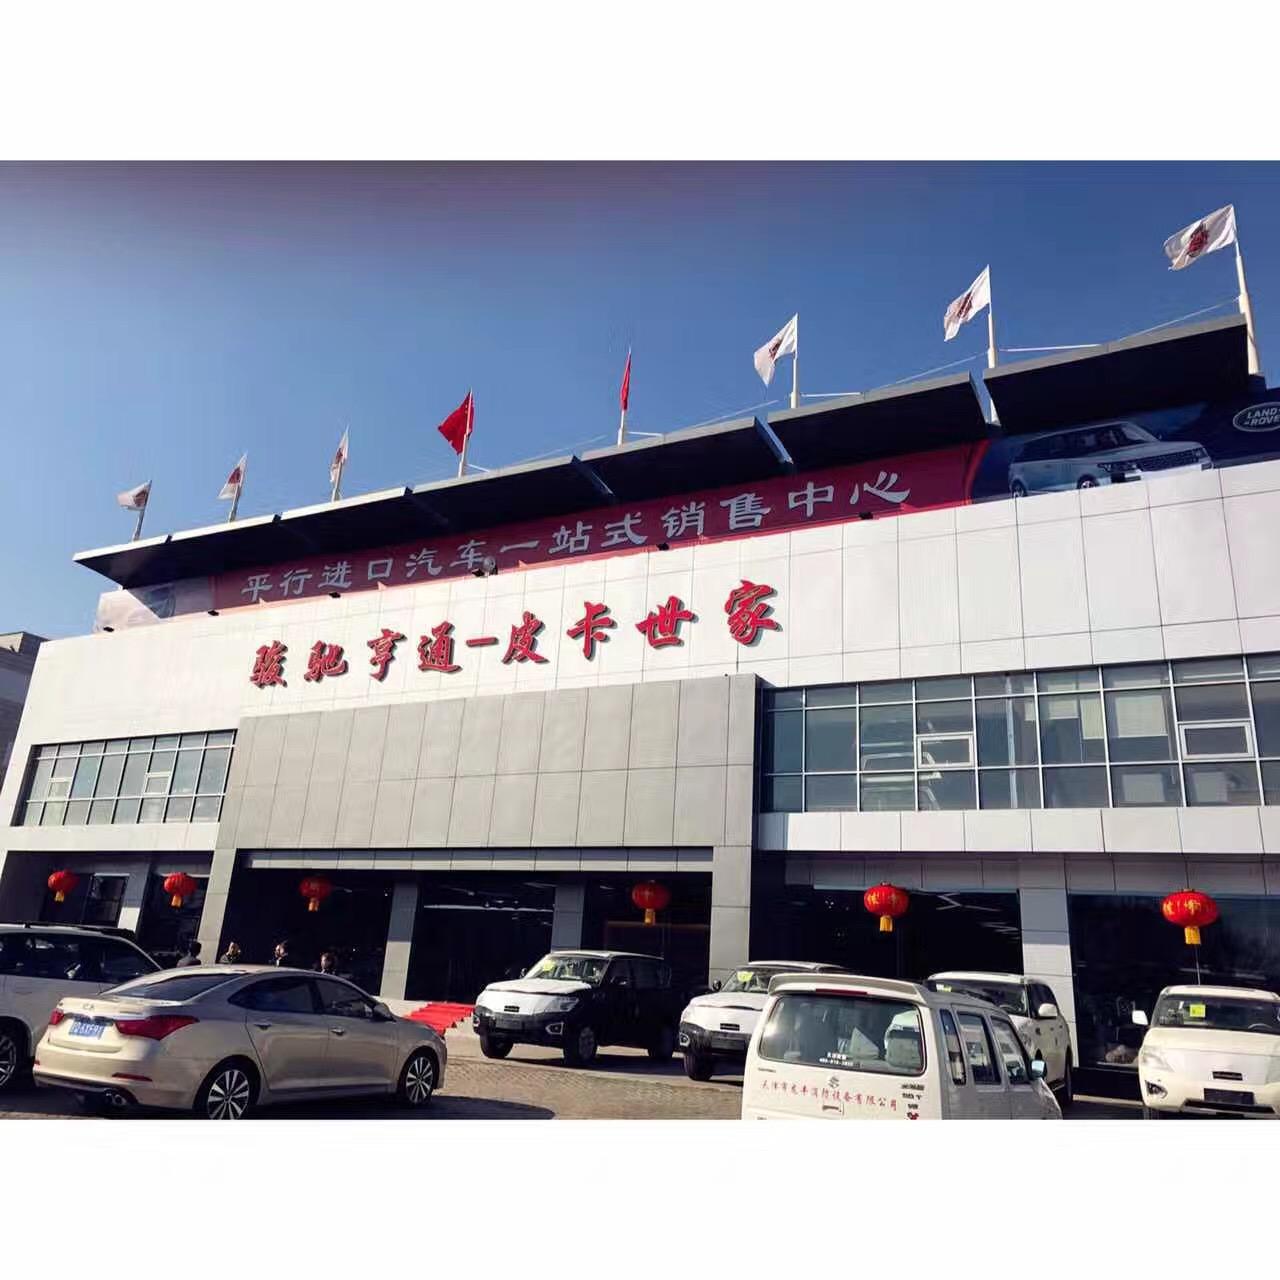 天津骏驰亨通国际贸易有限公司